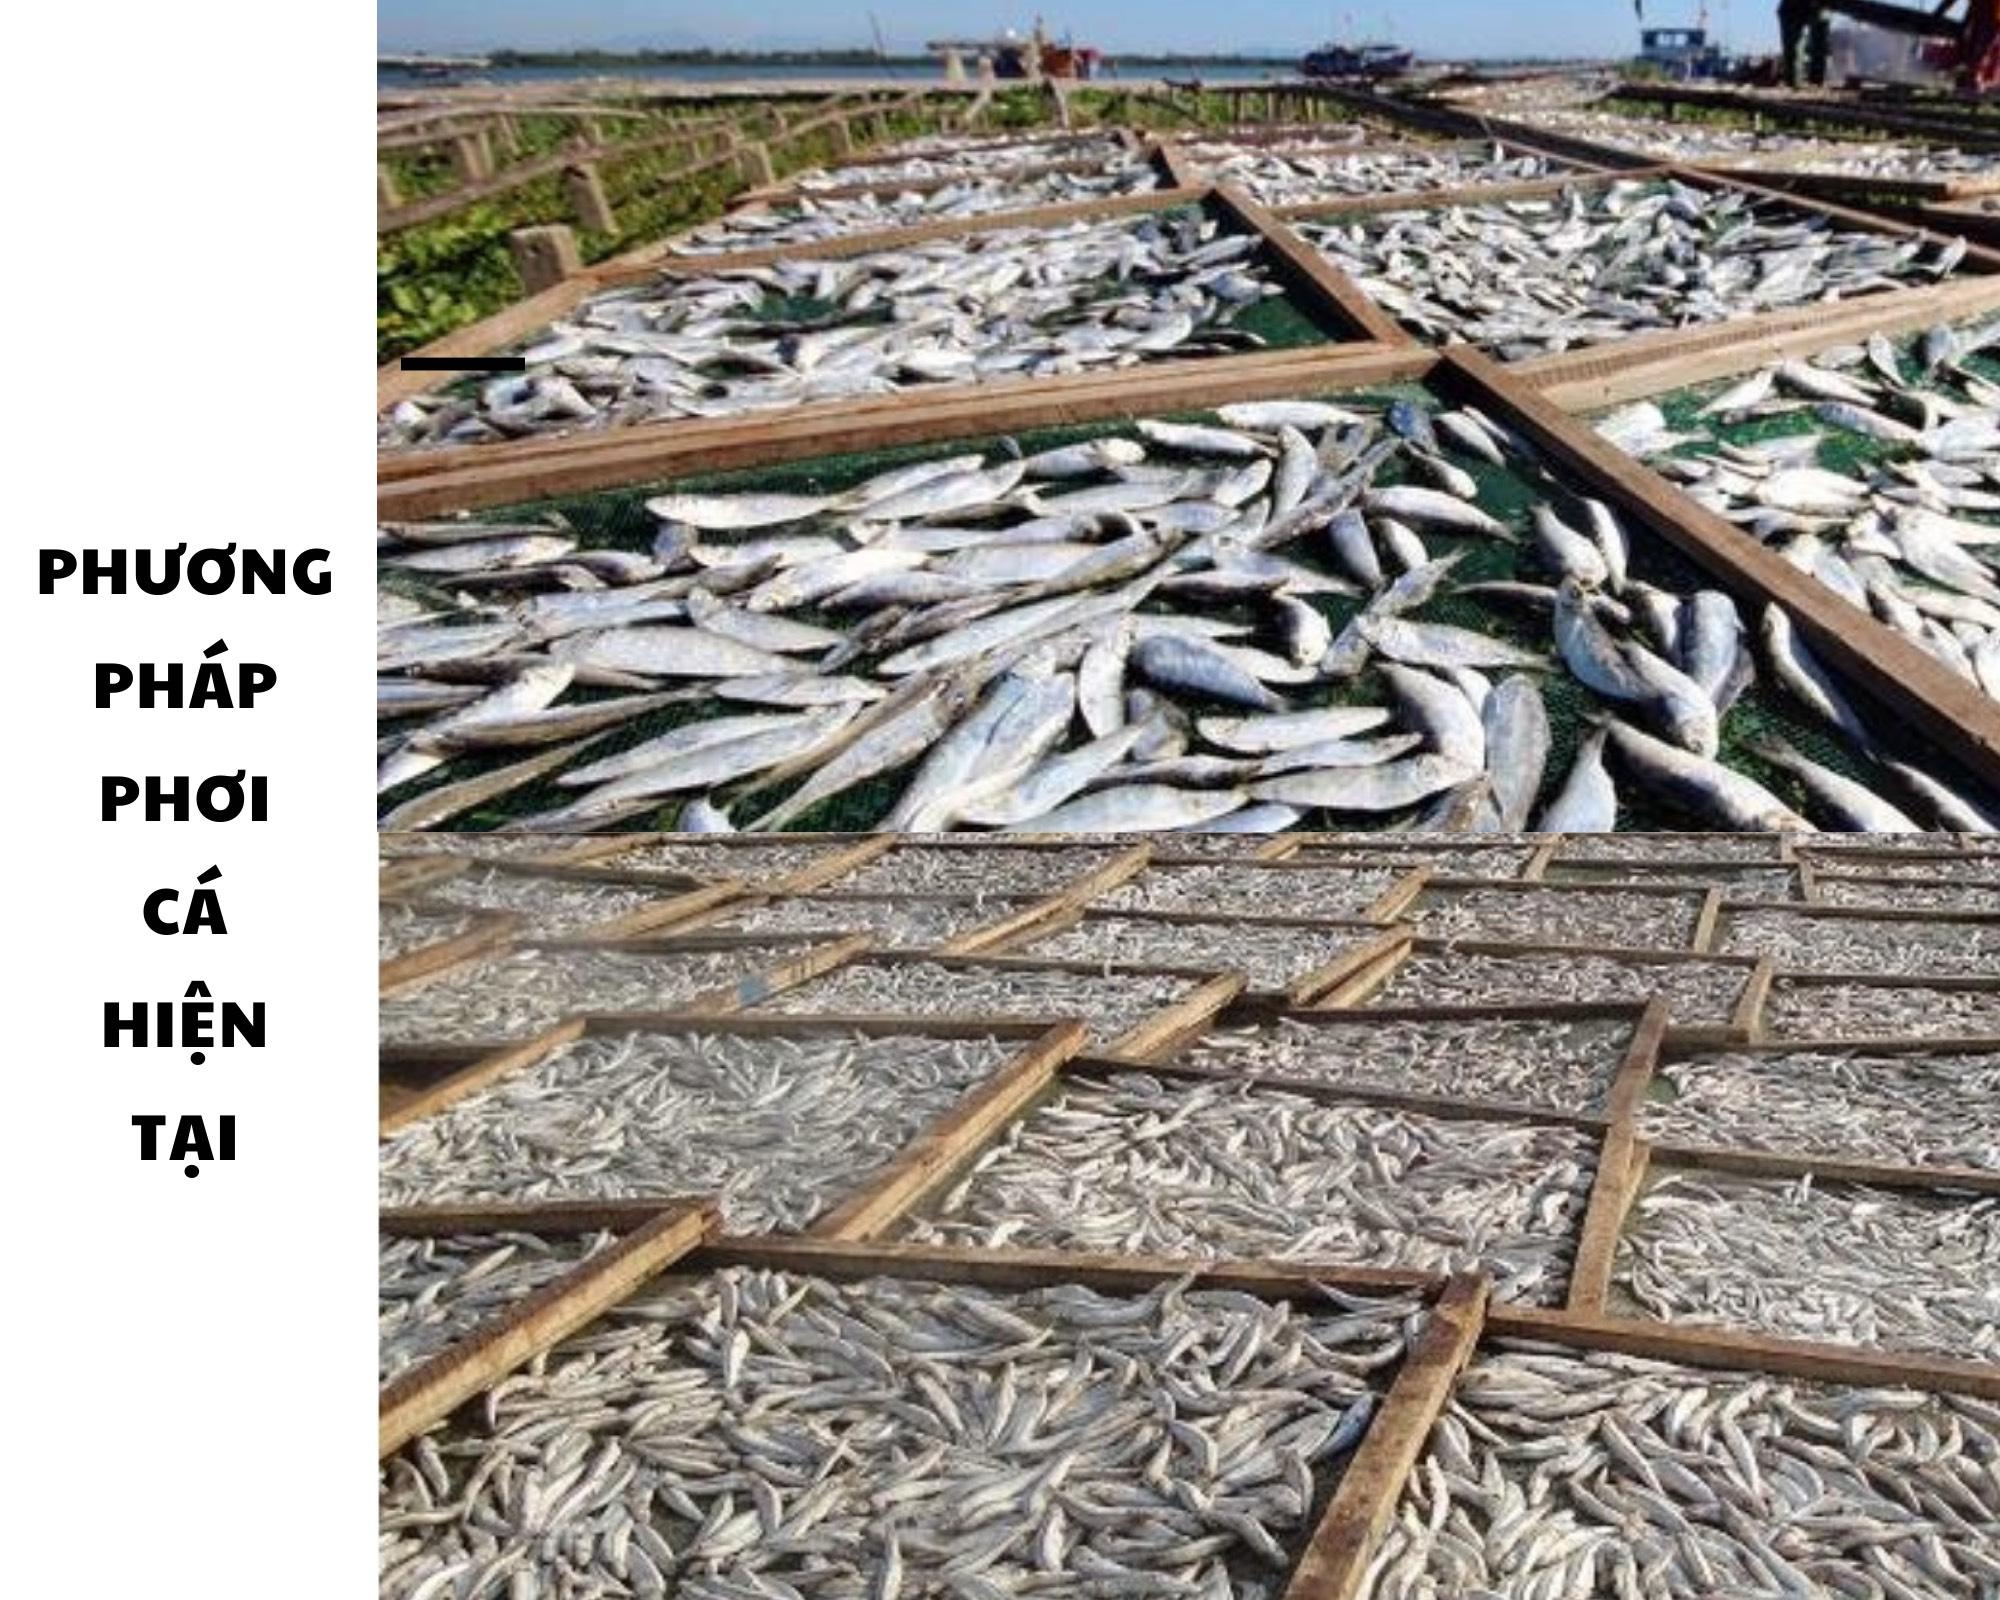 Phương pháp phơi sấy cá khô hiện tại.